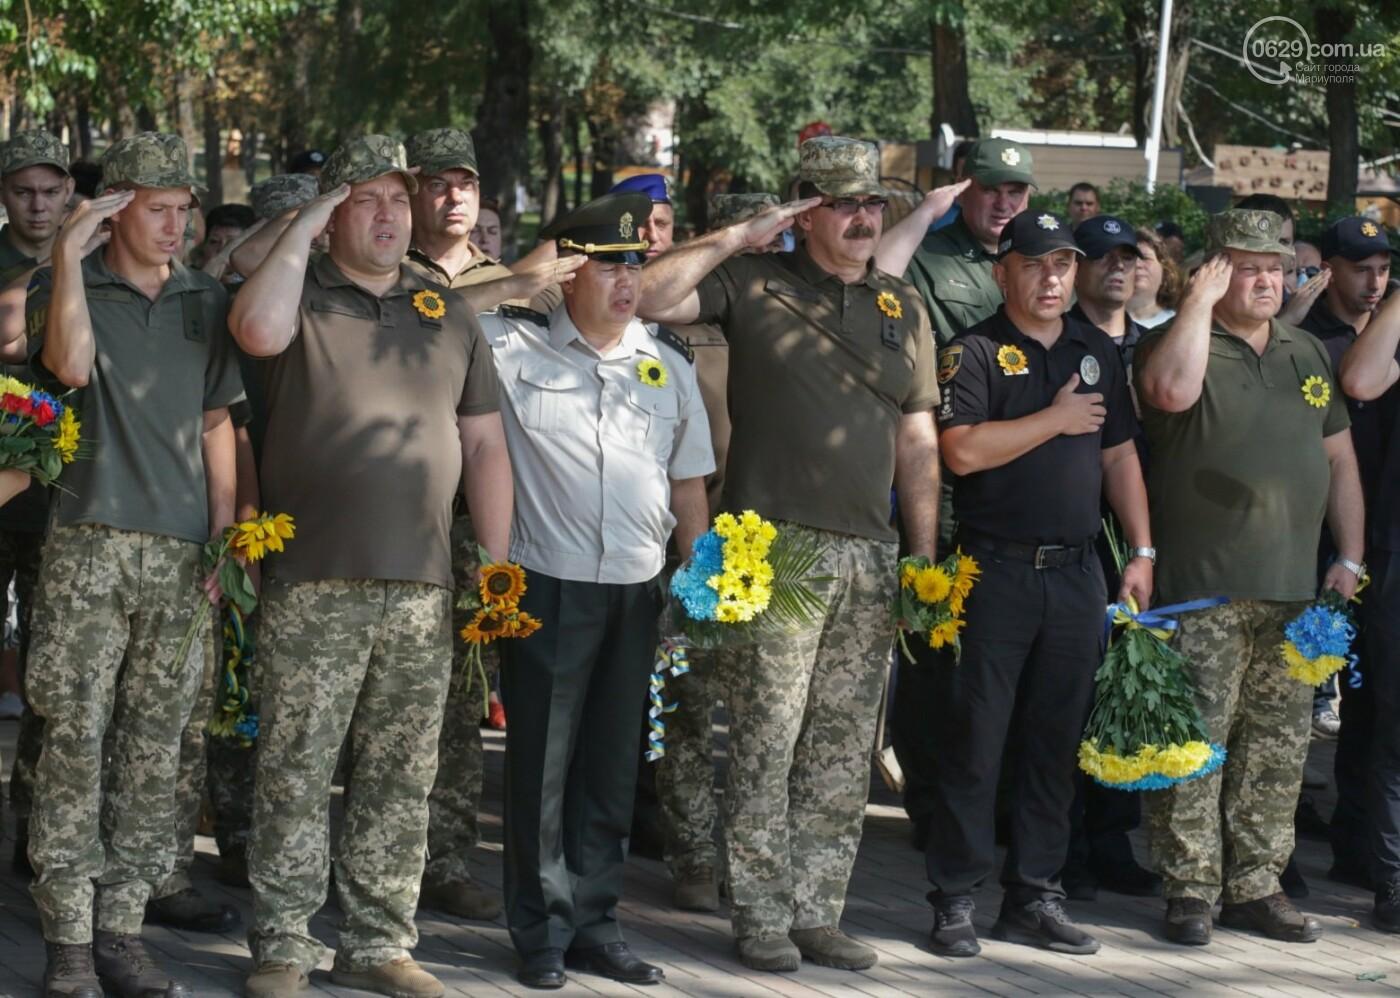 Общенациональная минута молчания. Как в Мариуполе почтили память защитников Украины, - ФОТОРЕПОРТАЖ, фото-19